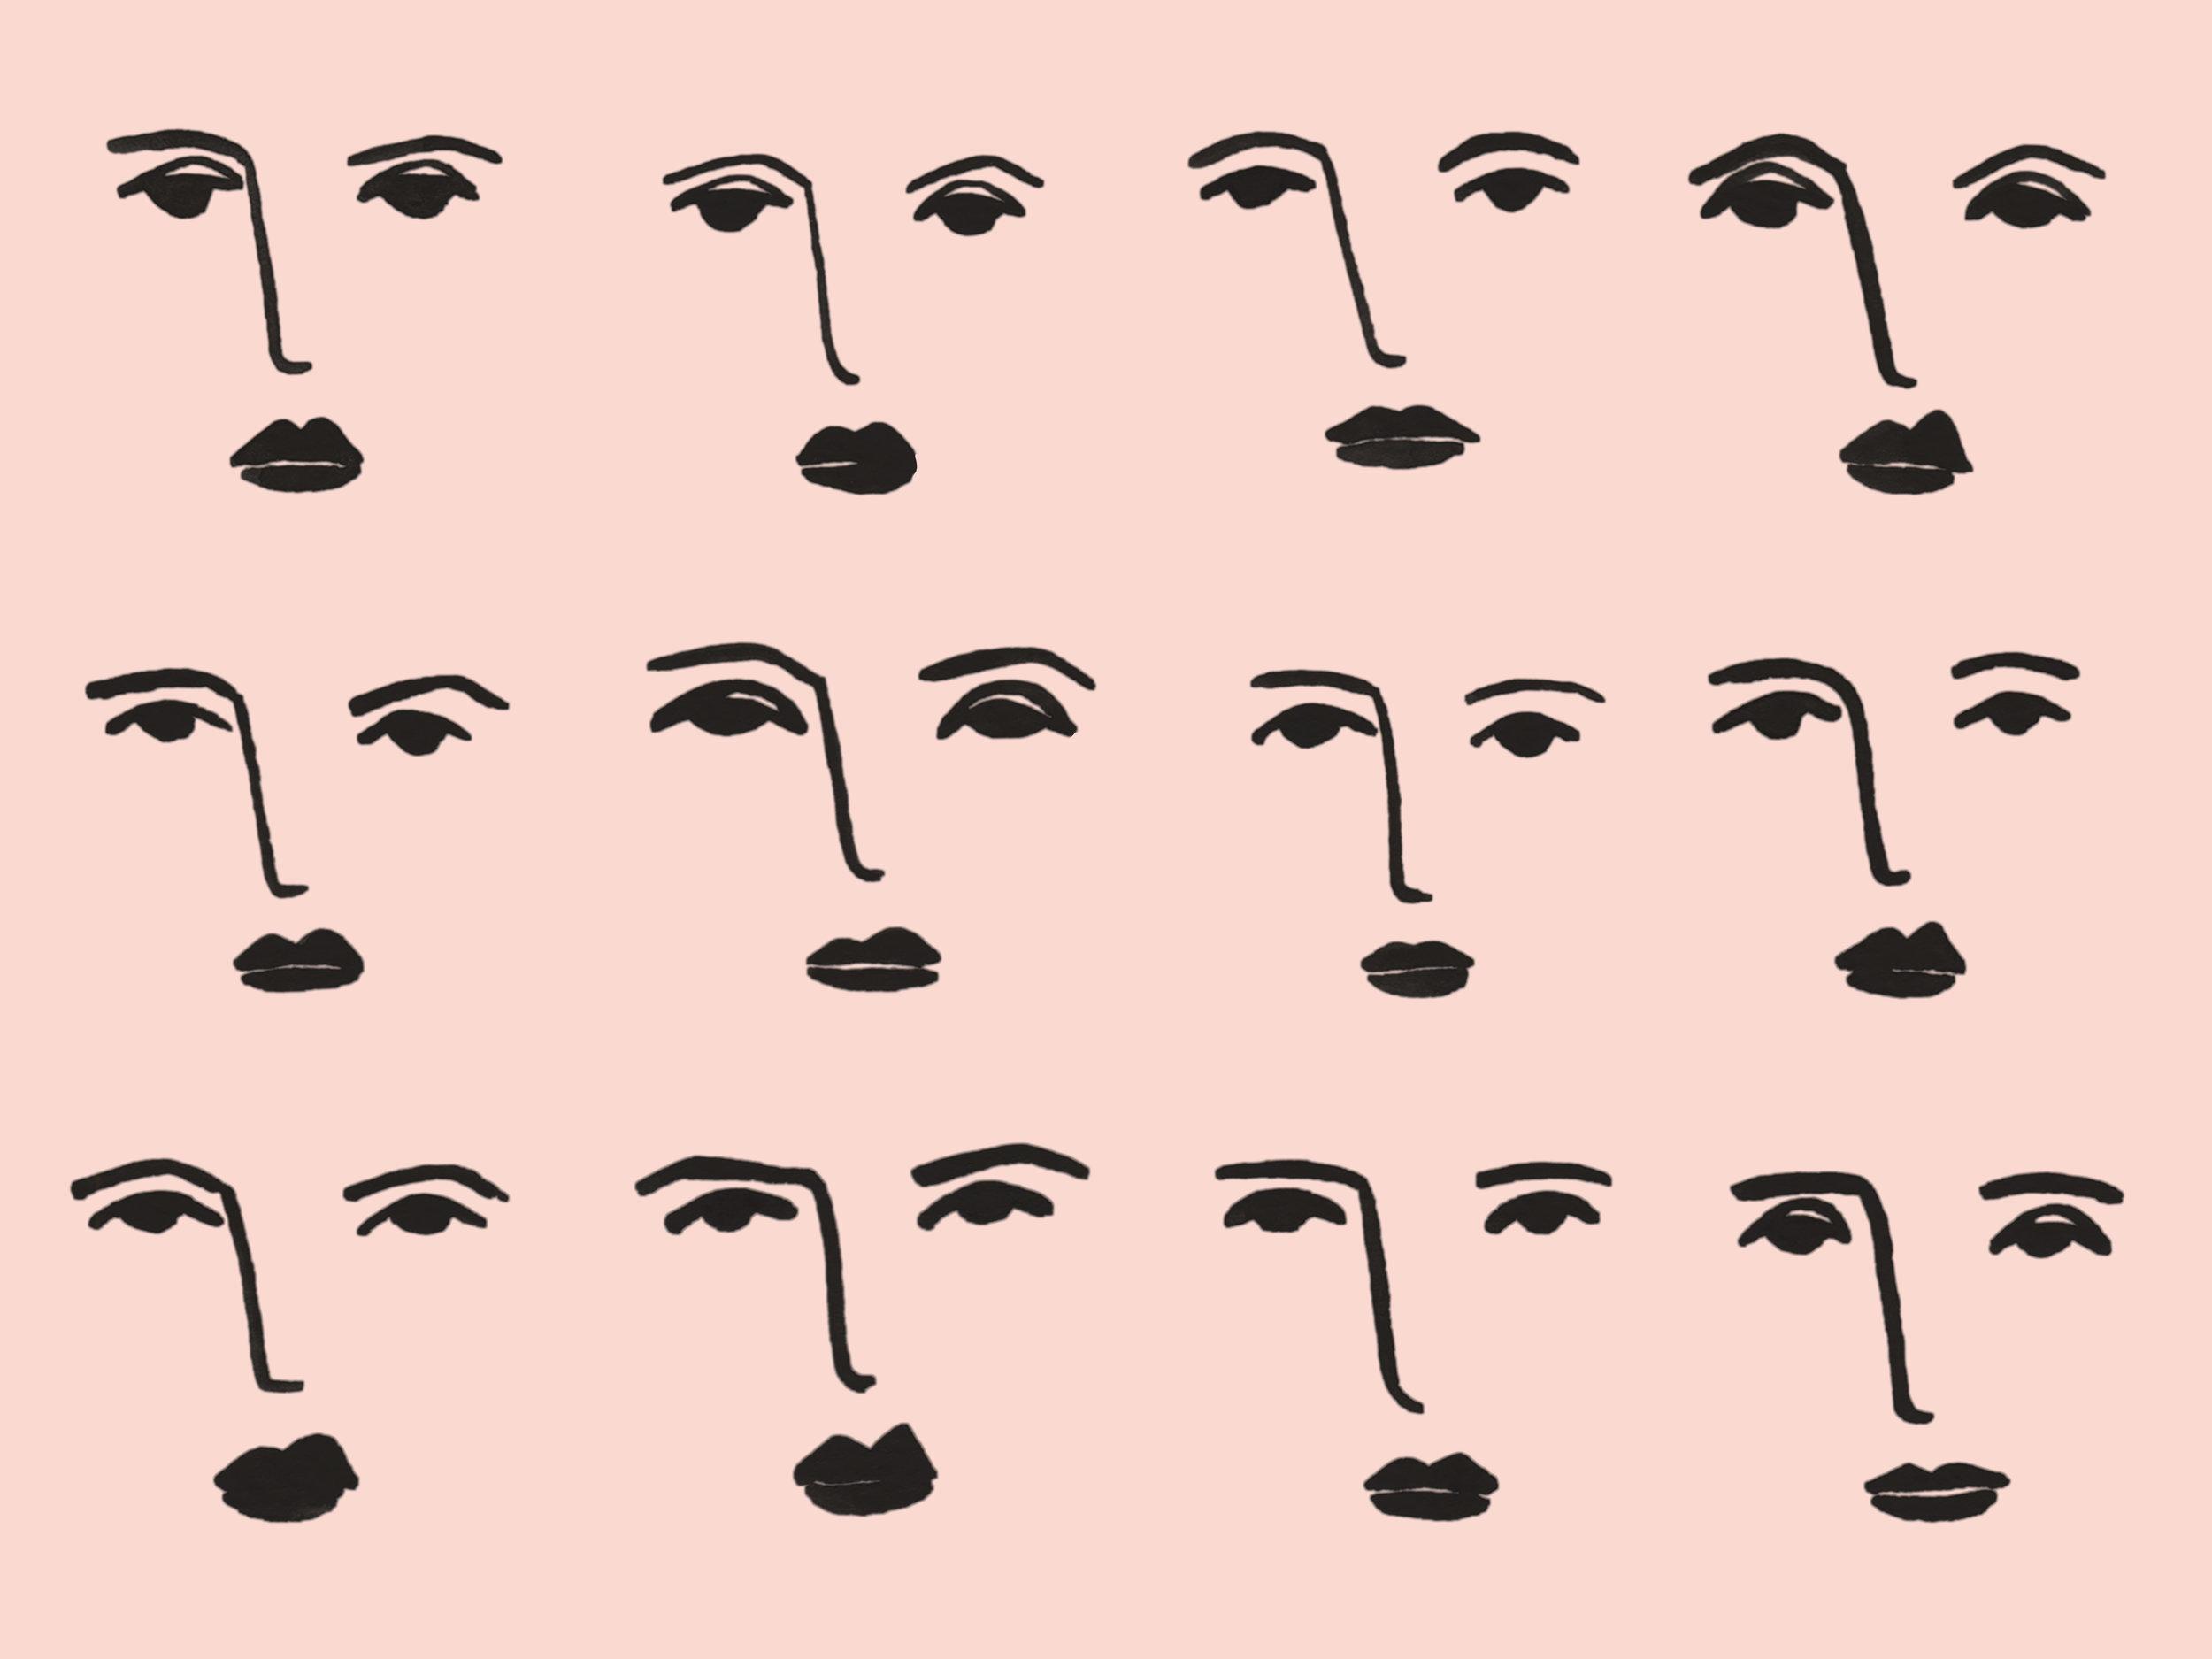 Faces 12x9.jpg